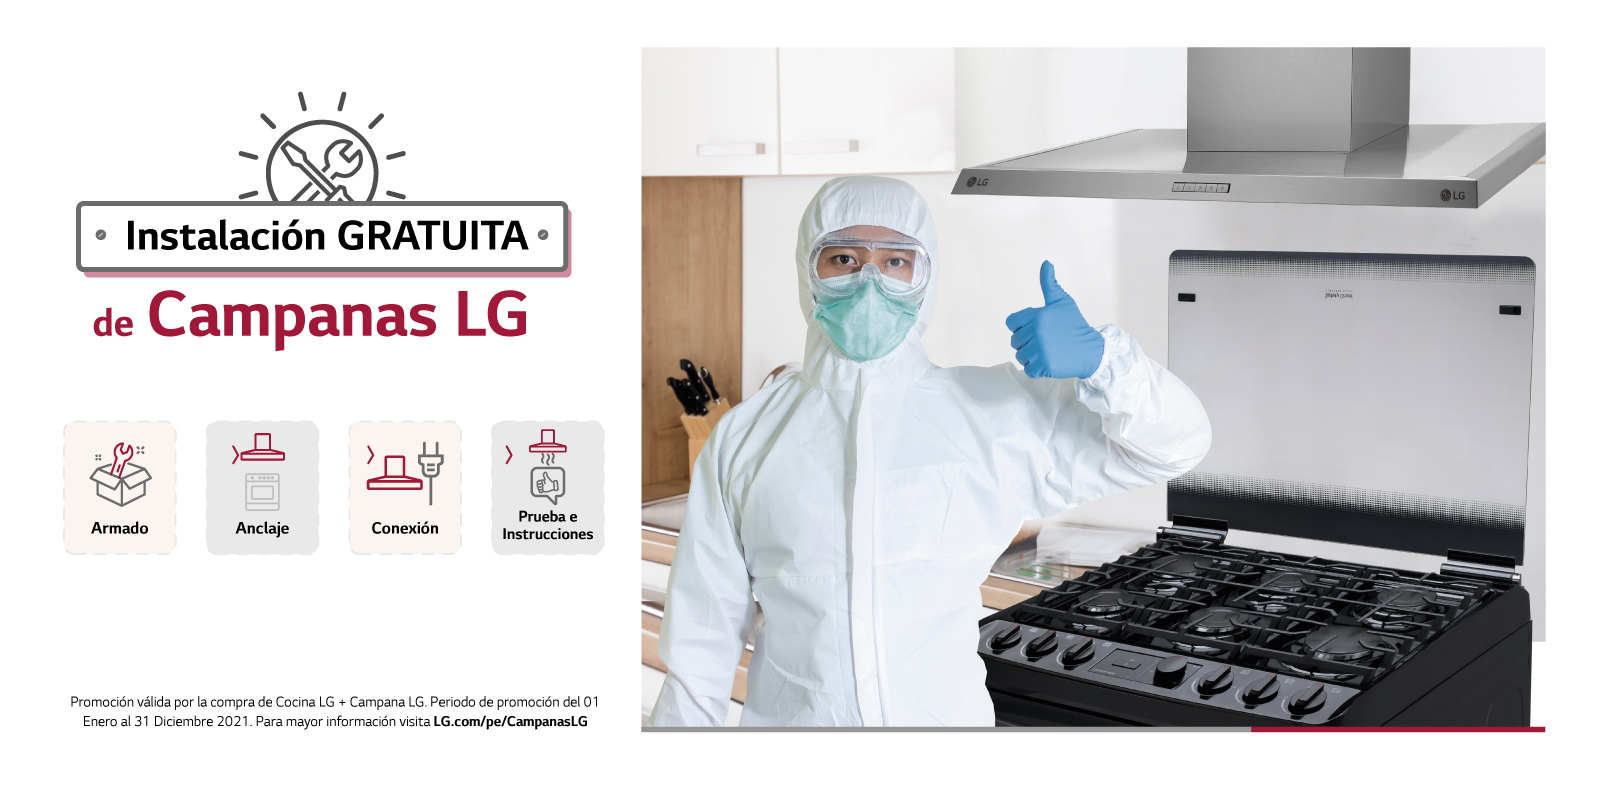 Nueva Campana Extractora LG con Instalación Gratuita